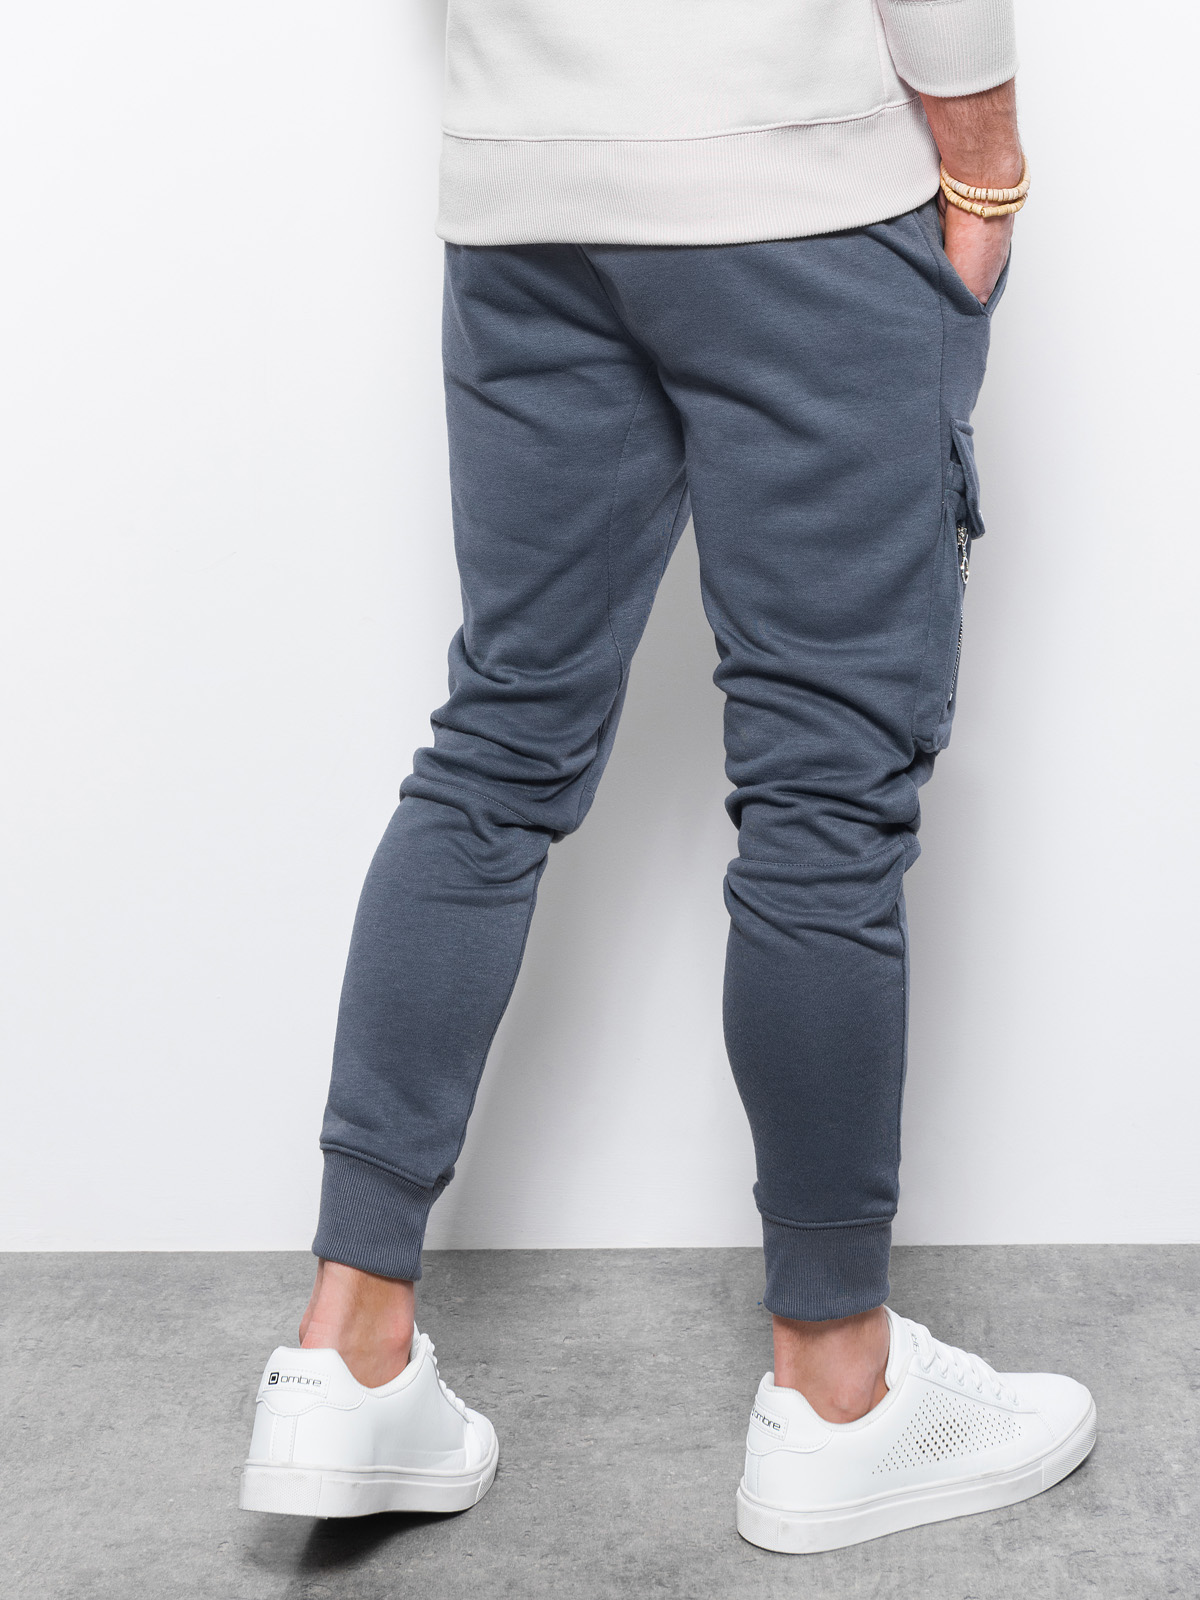 Spodnie męskie dresowe P905 - grafitowe